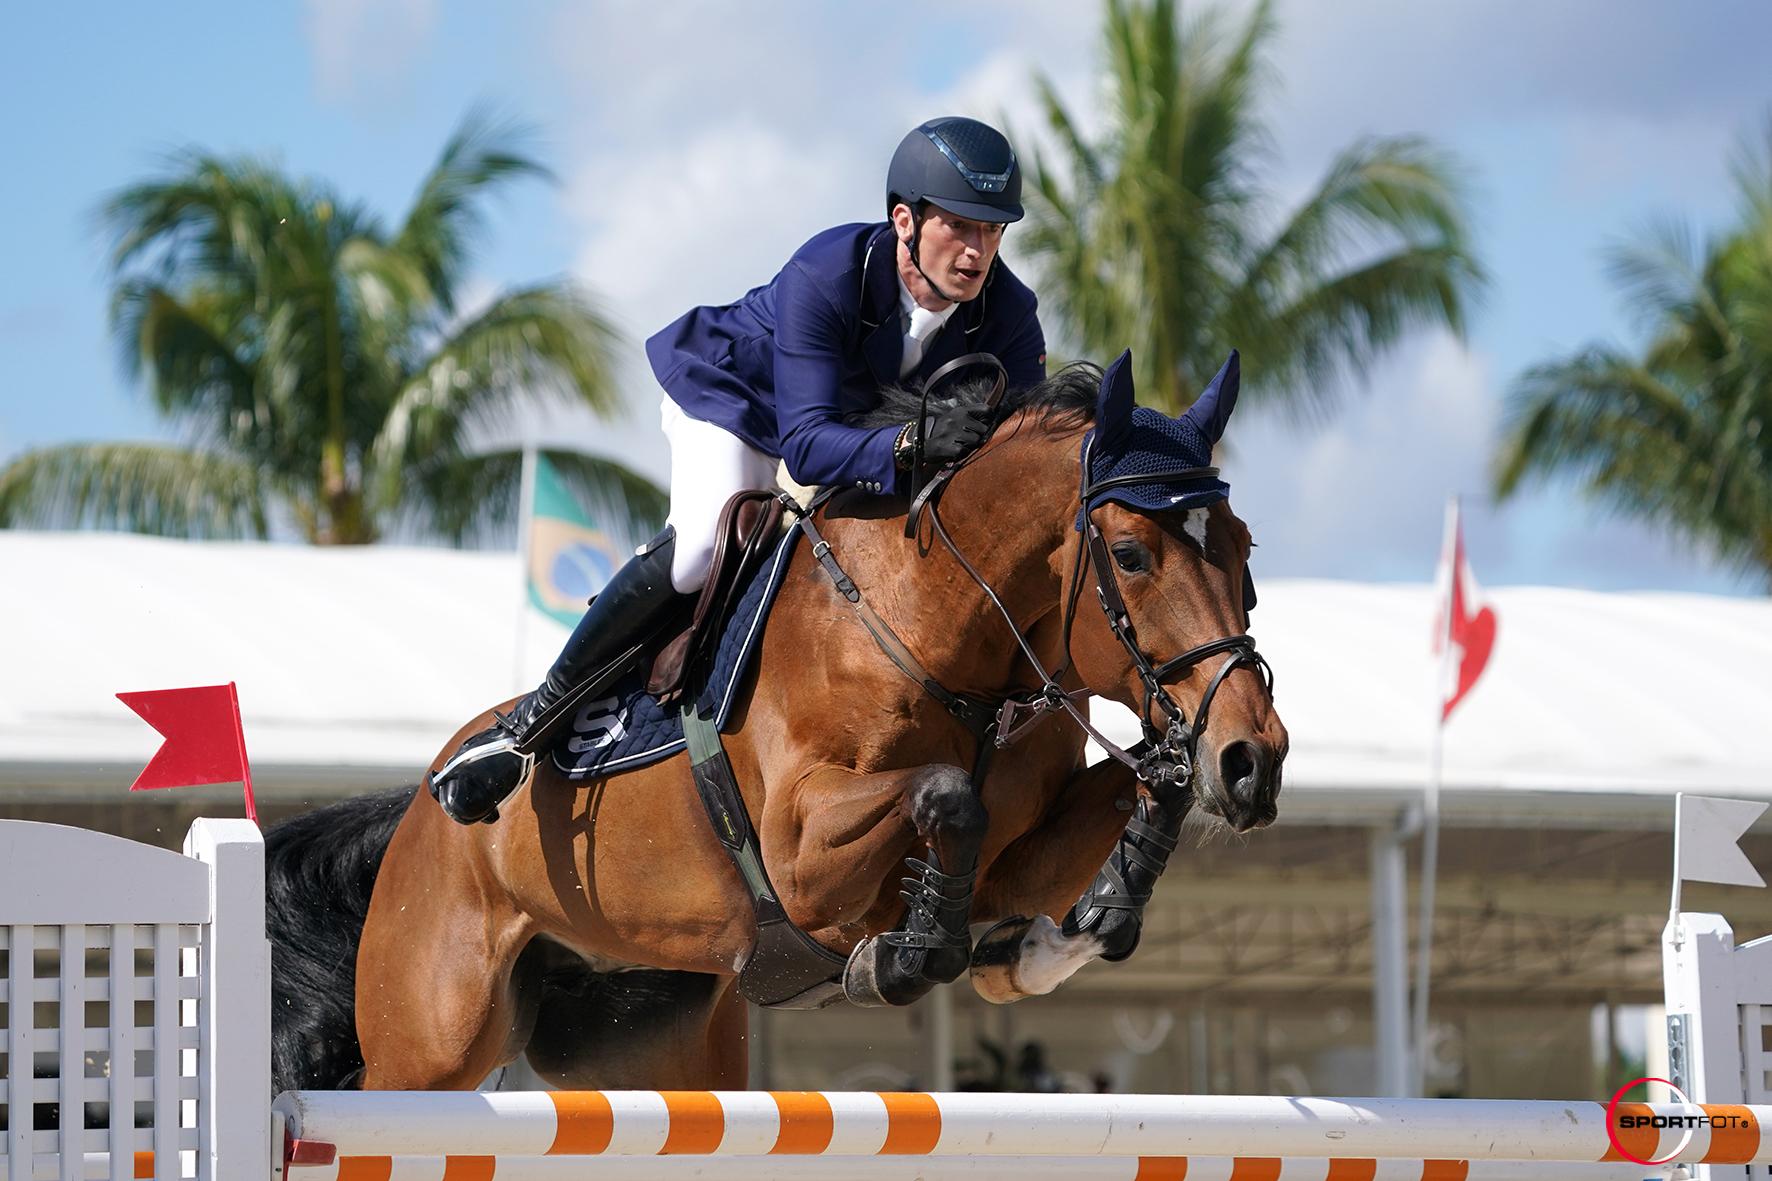 Daniel Deusser and Kiana van het Herdershof 608_6726 Sportfot